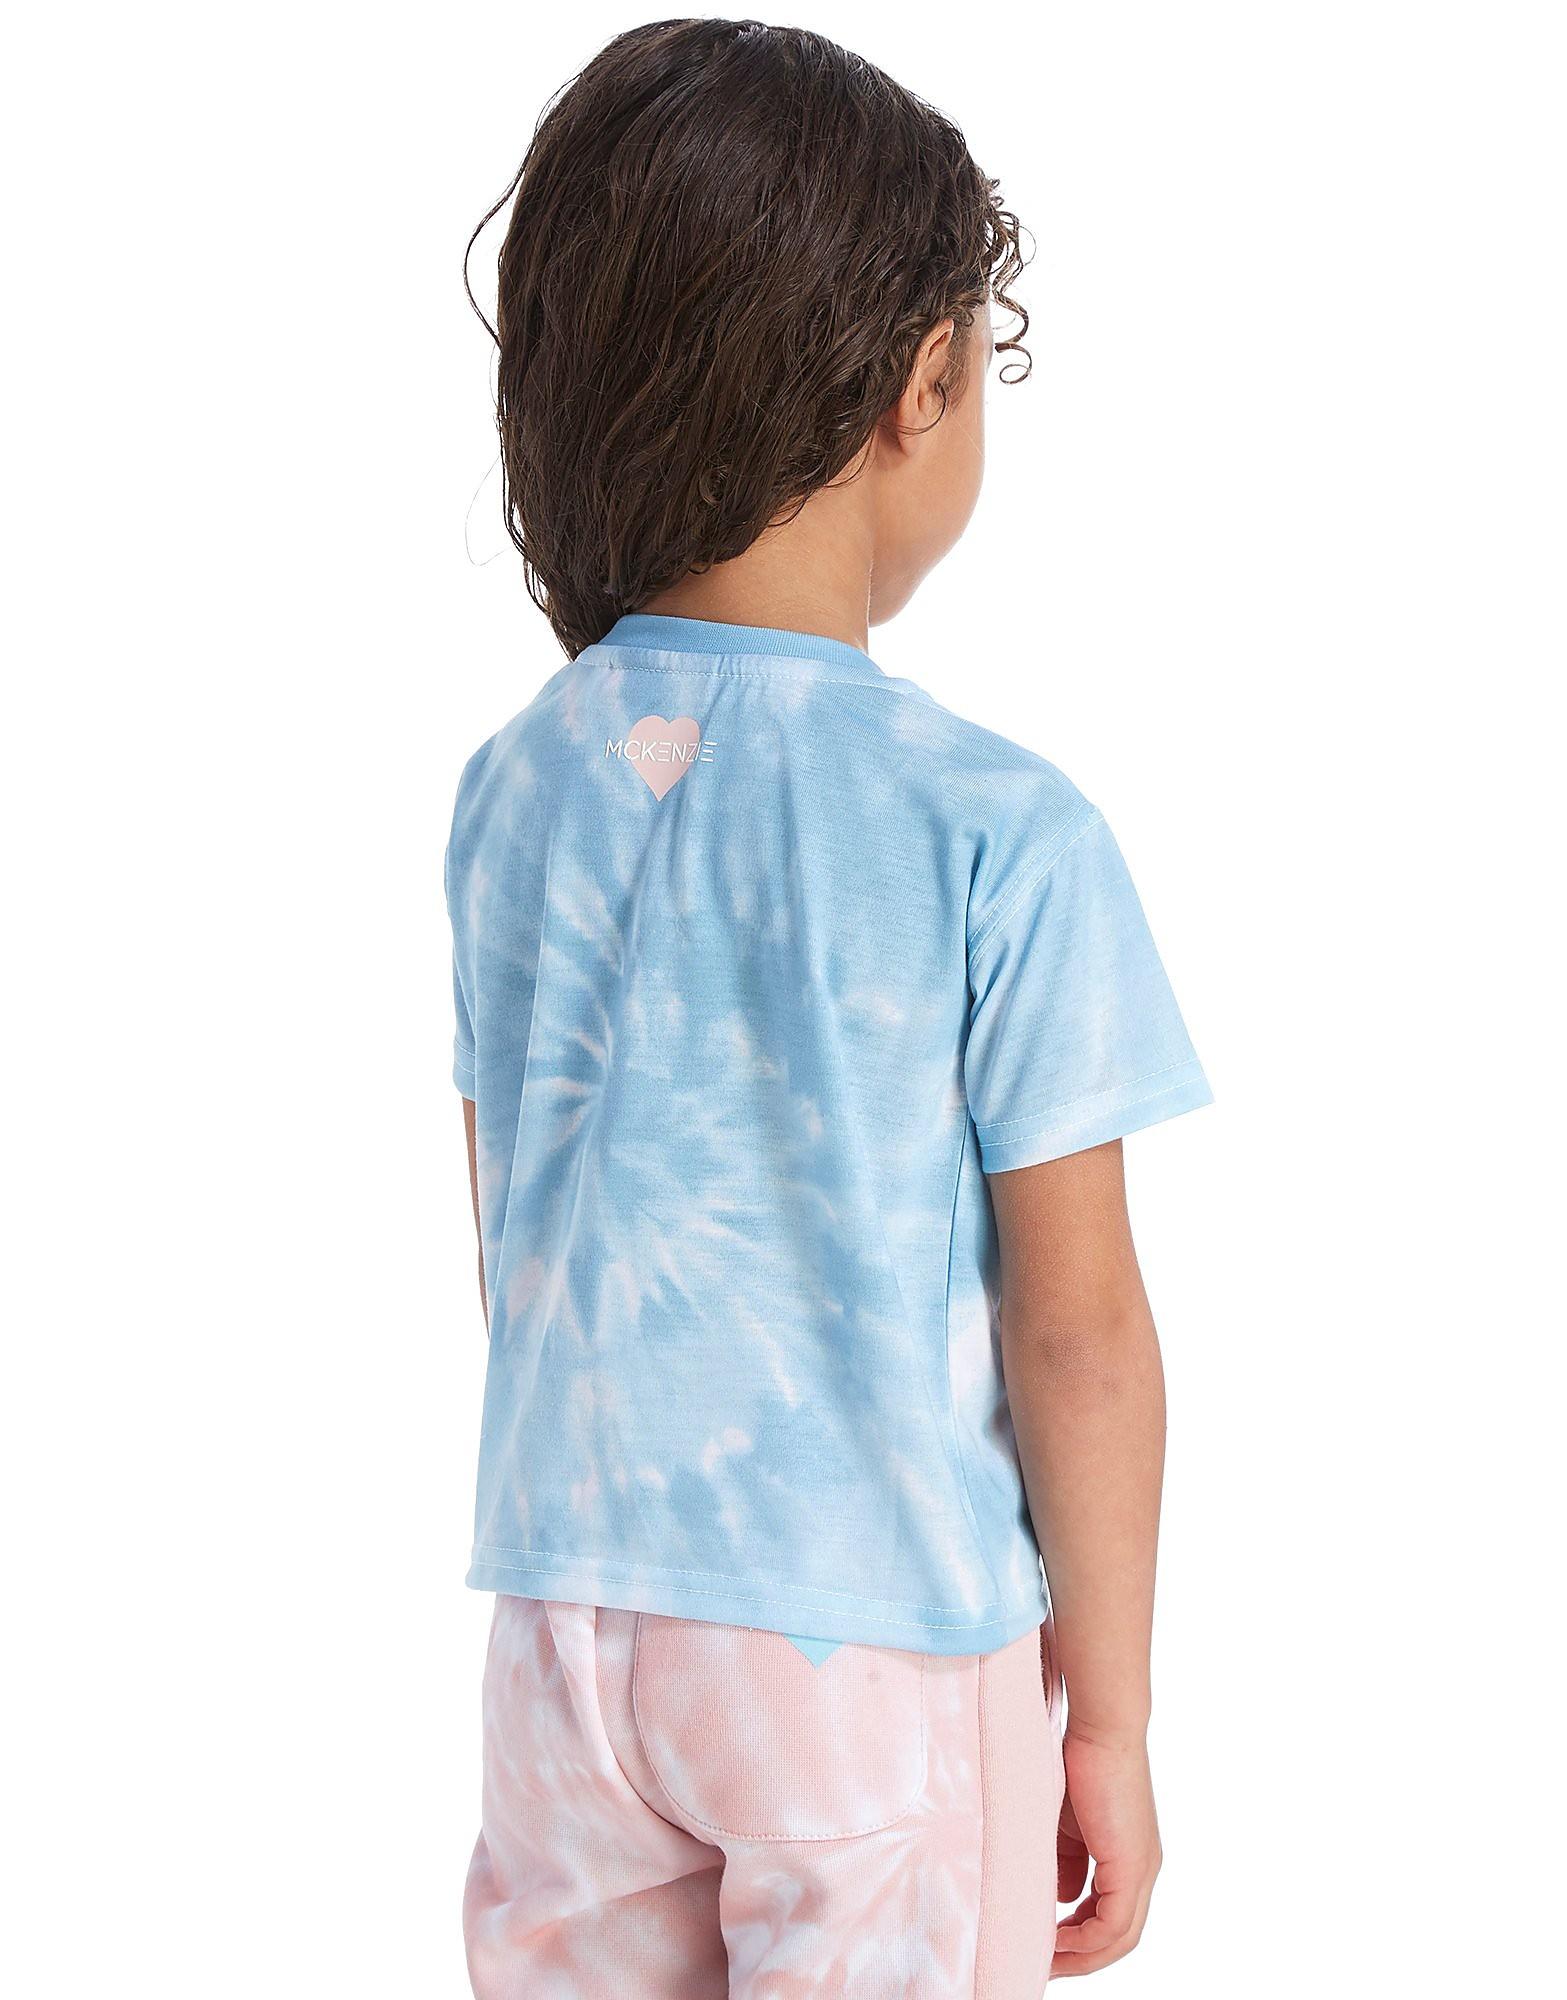 McKenzie Girls' Patsy T-Shirt Junior